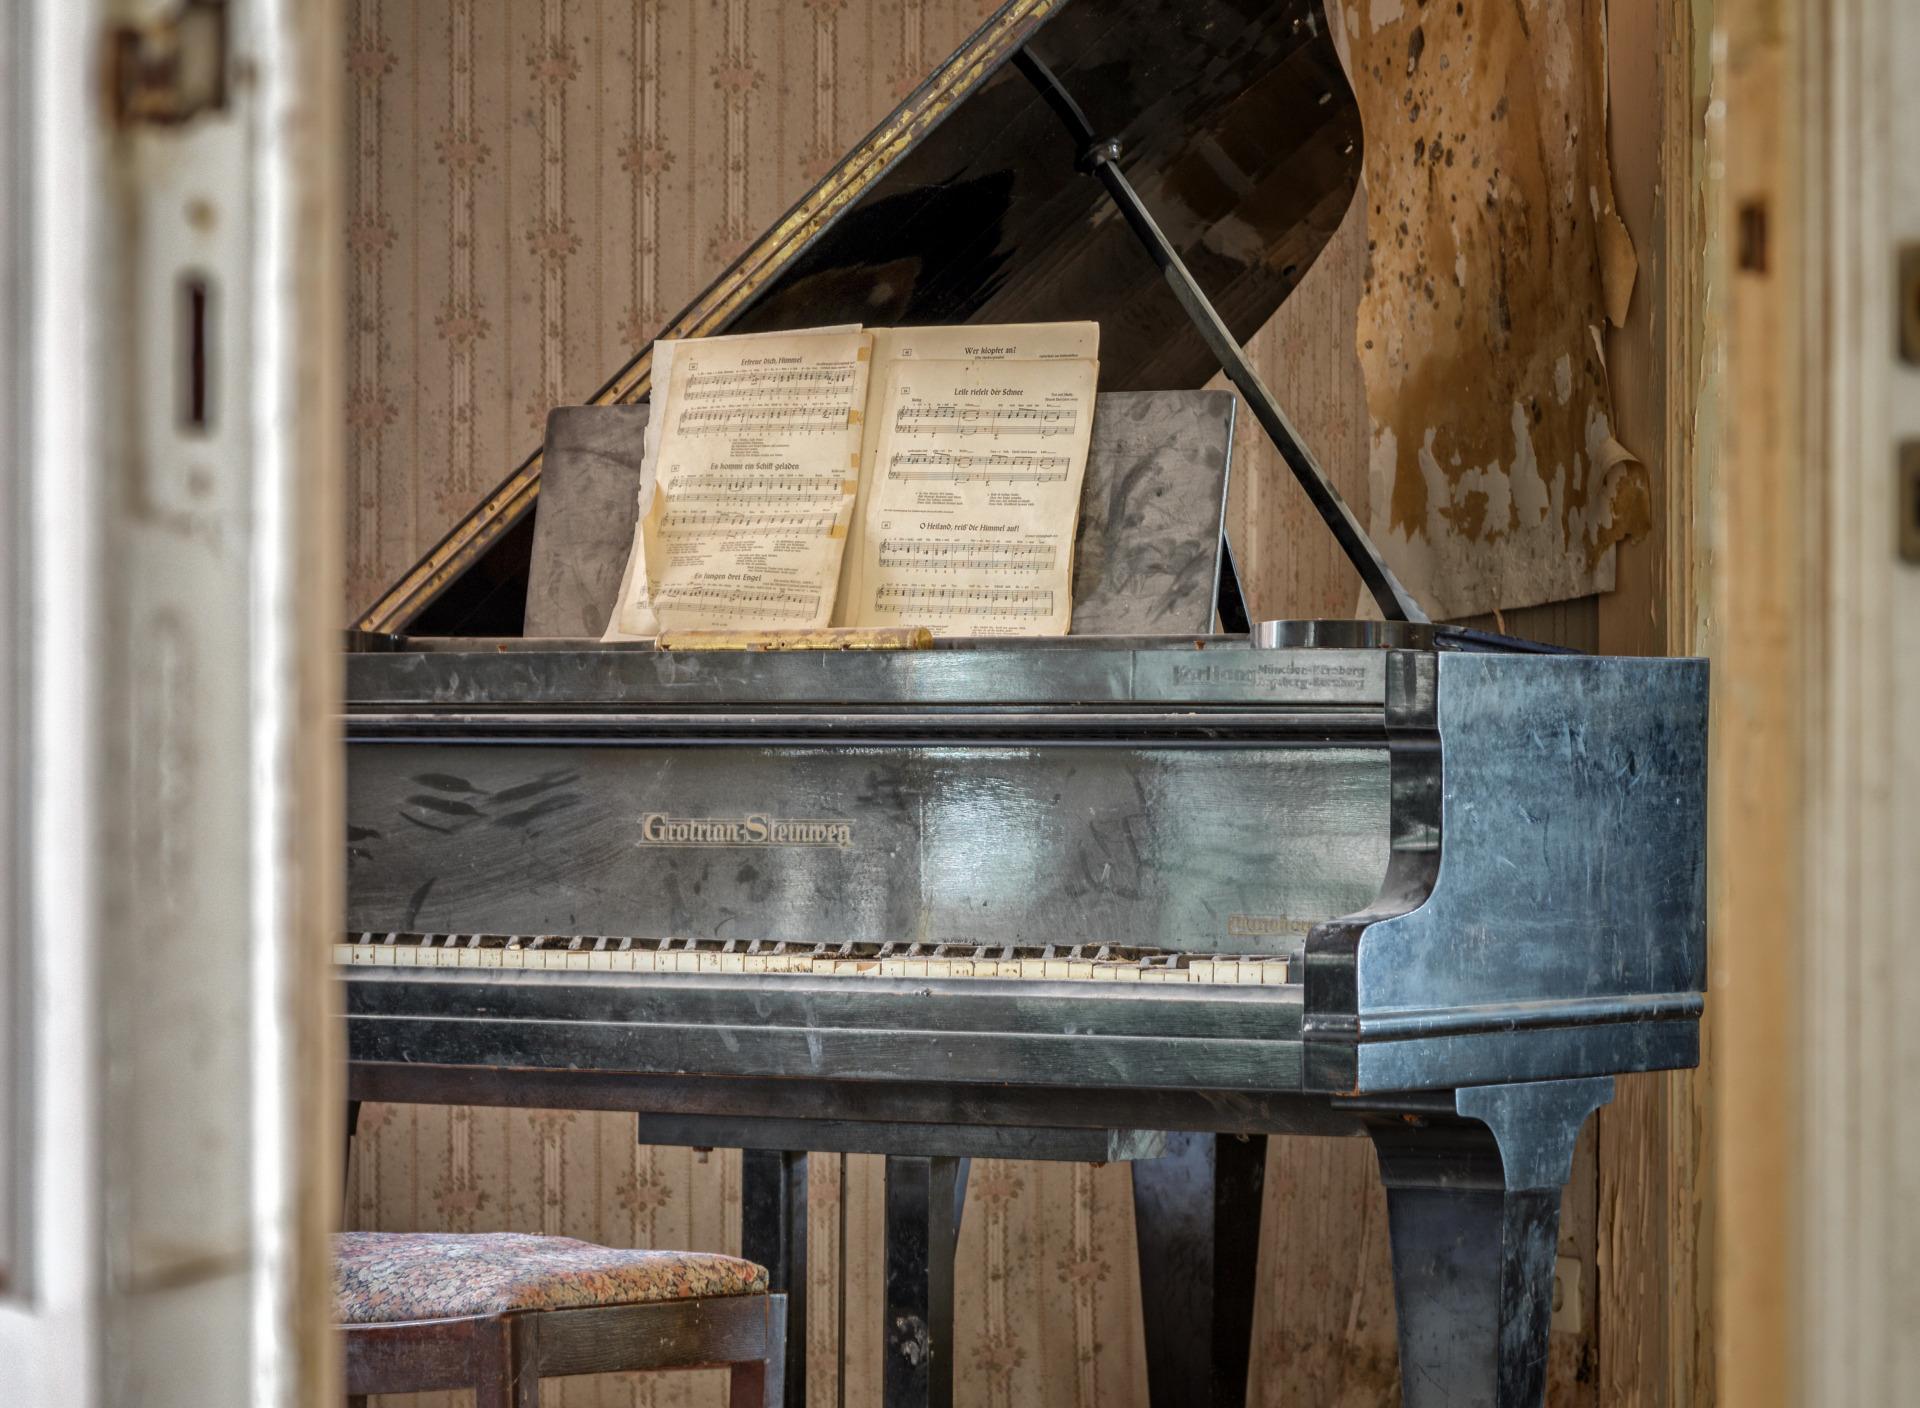 найти фото ноты для пианино месте нахождения